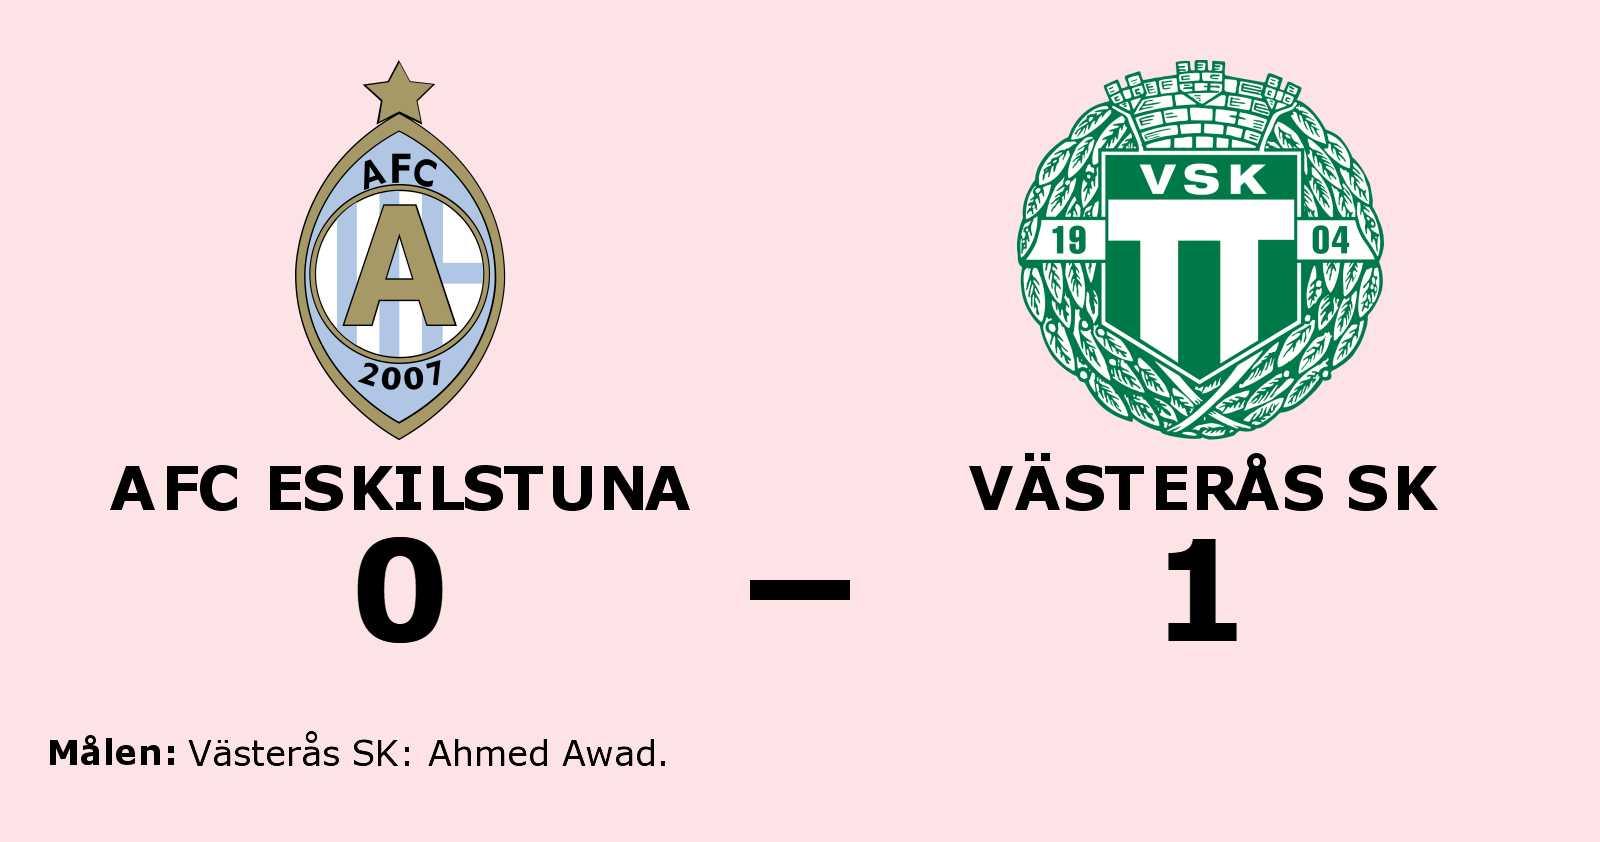 Ahmed Awad avgjorde när Västerås SK sänkte AFC Eskilstuna